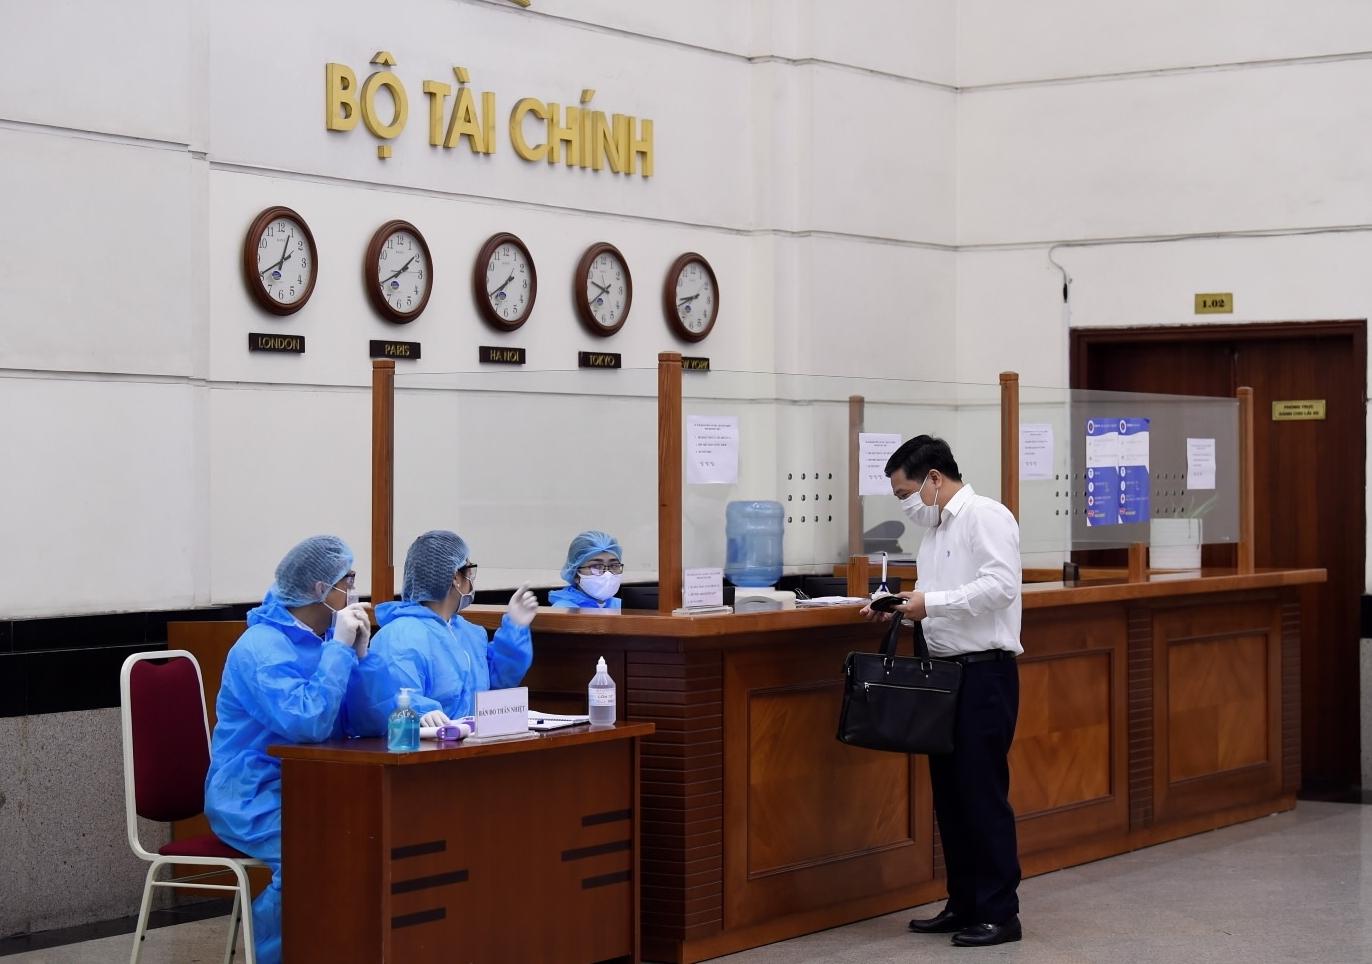 Bộ Tài chính yêu cầu cán bộ, nhân viên trong ngành nghiêm túc thực hiện phòng, chống dịch